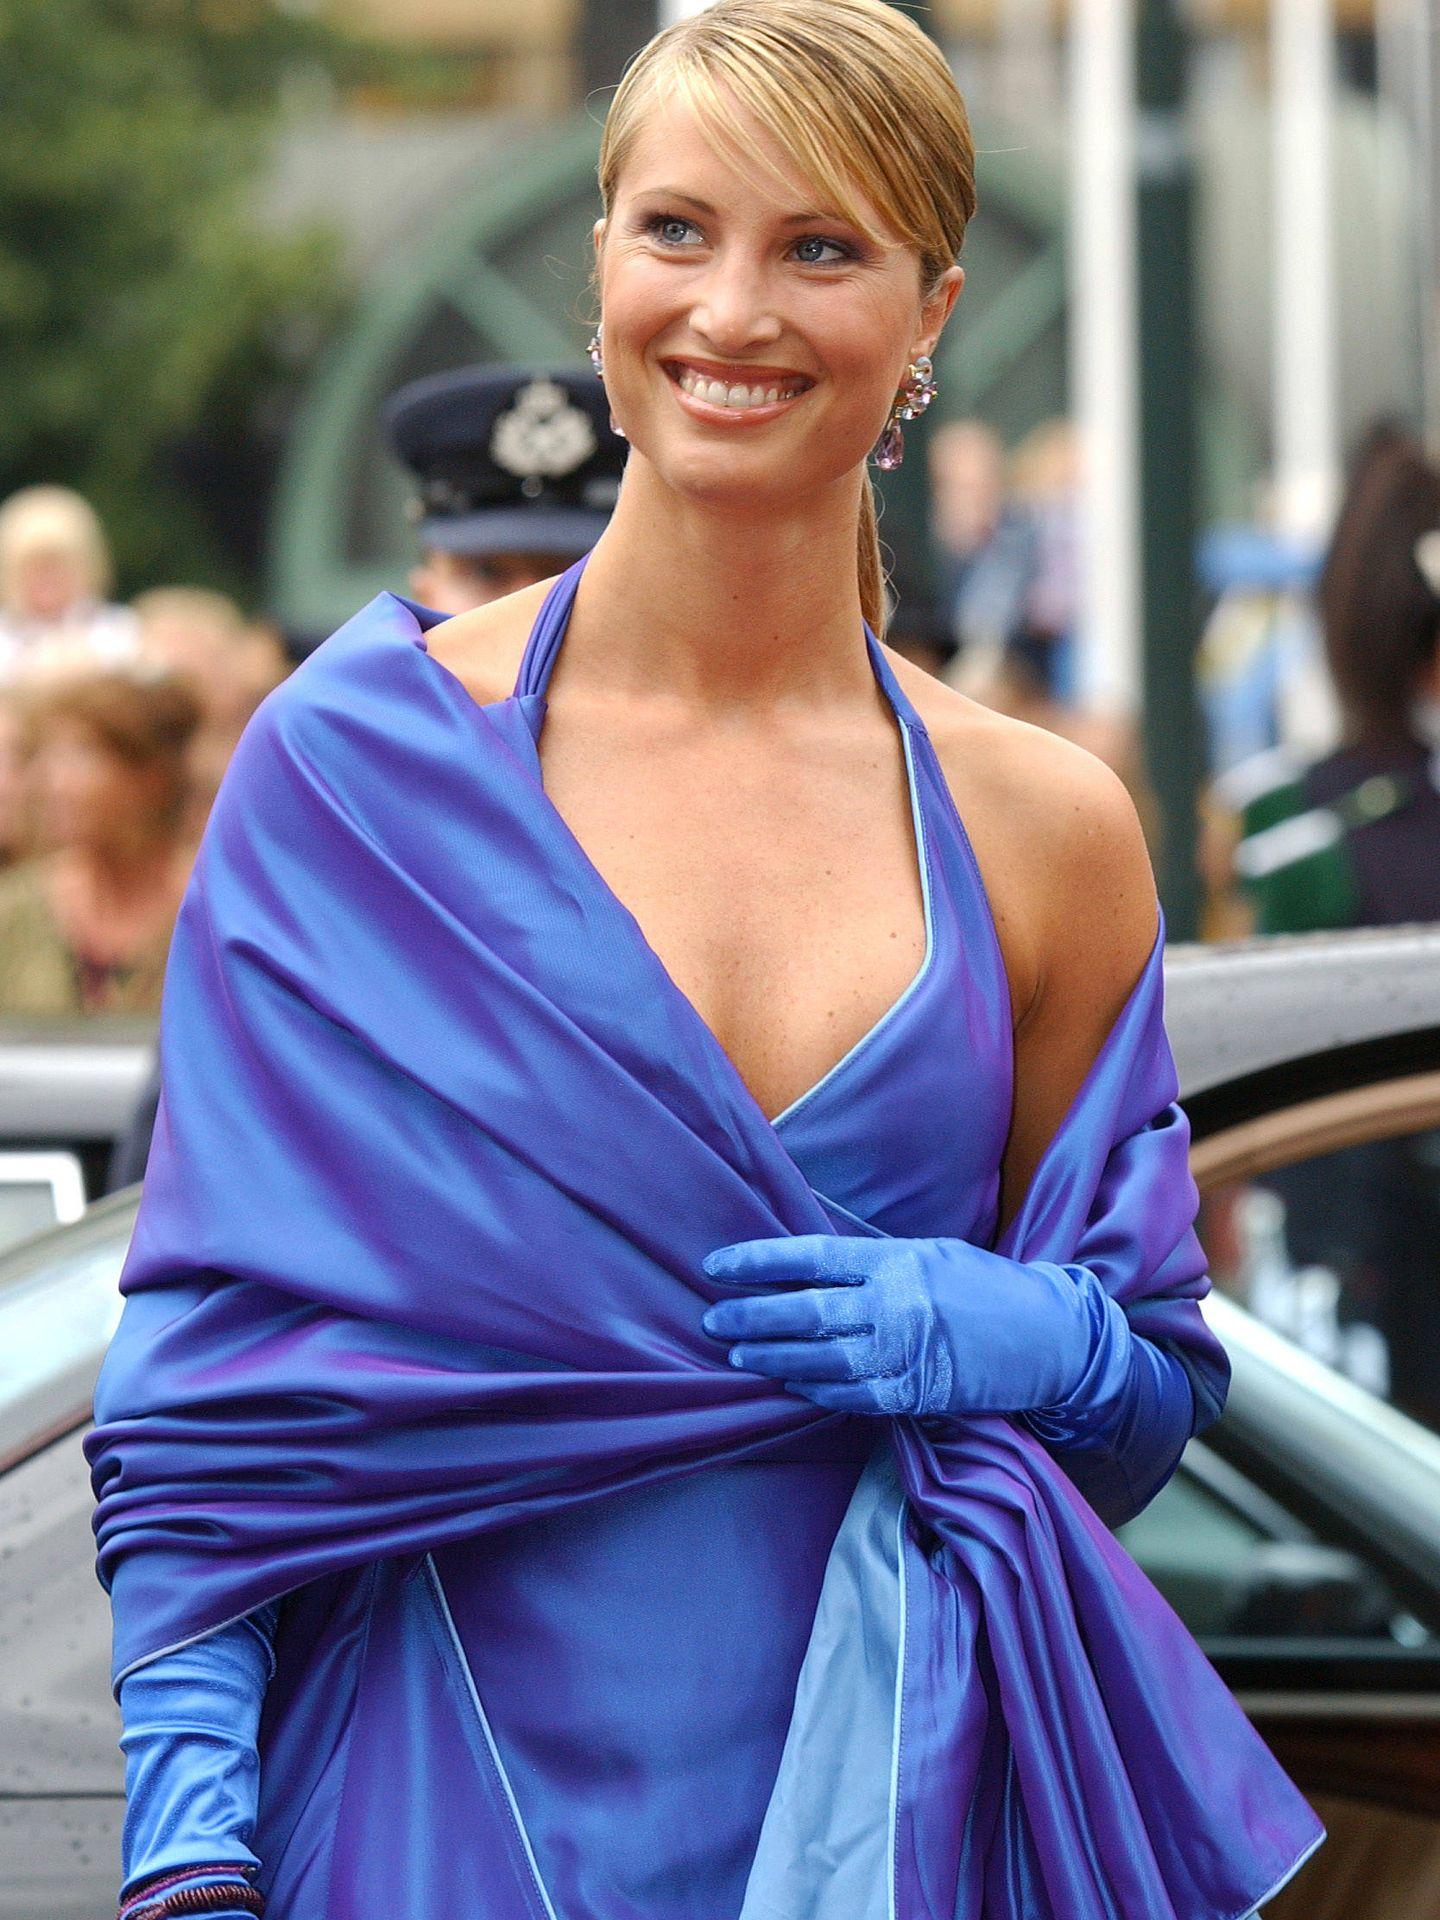 Eva Sannum, en la boda de Haakon y Mette-Marit. (Reuters)